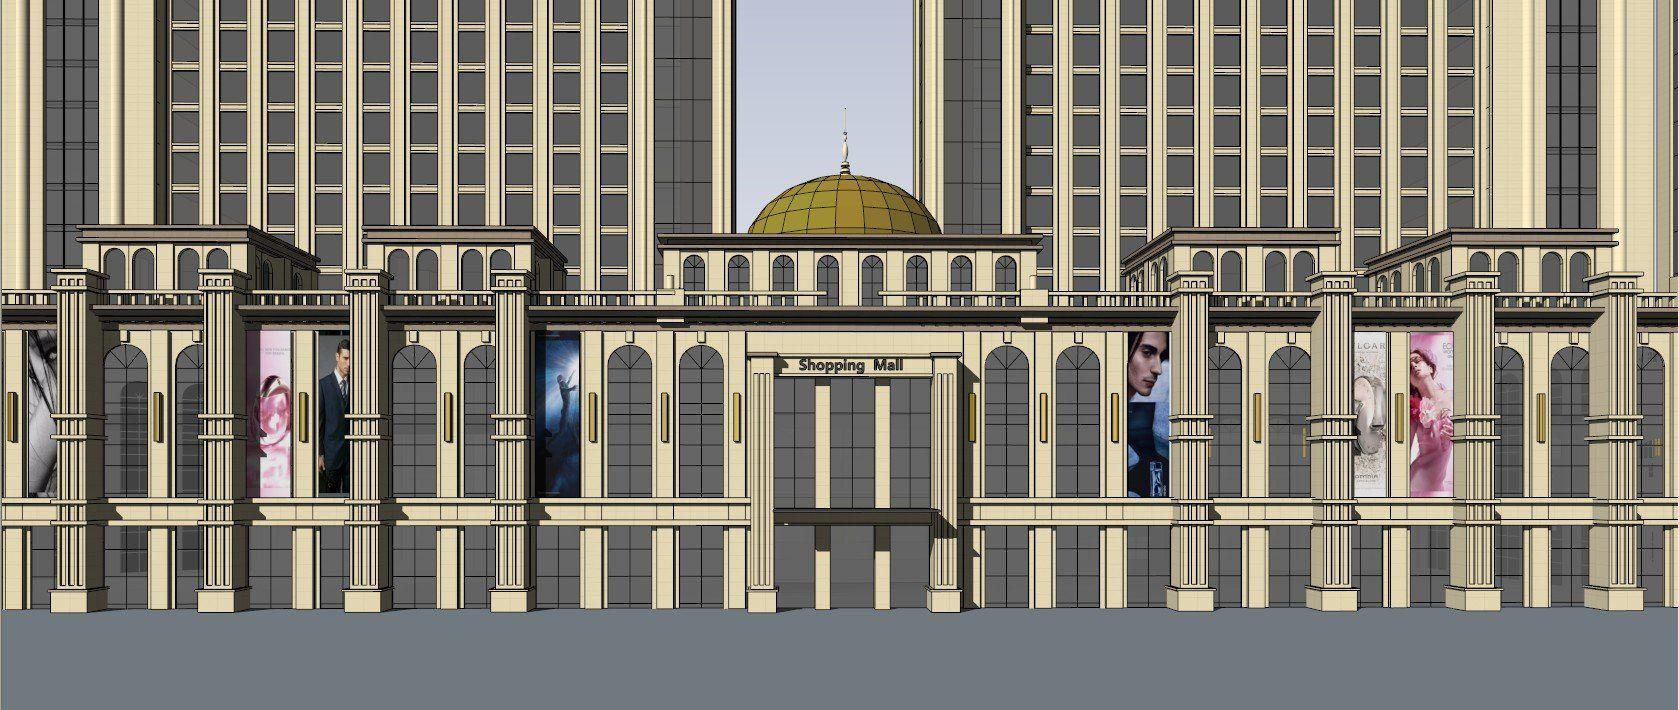 ☆Sketchup 3D Models-Business Building Sketchup Models 13